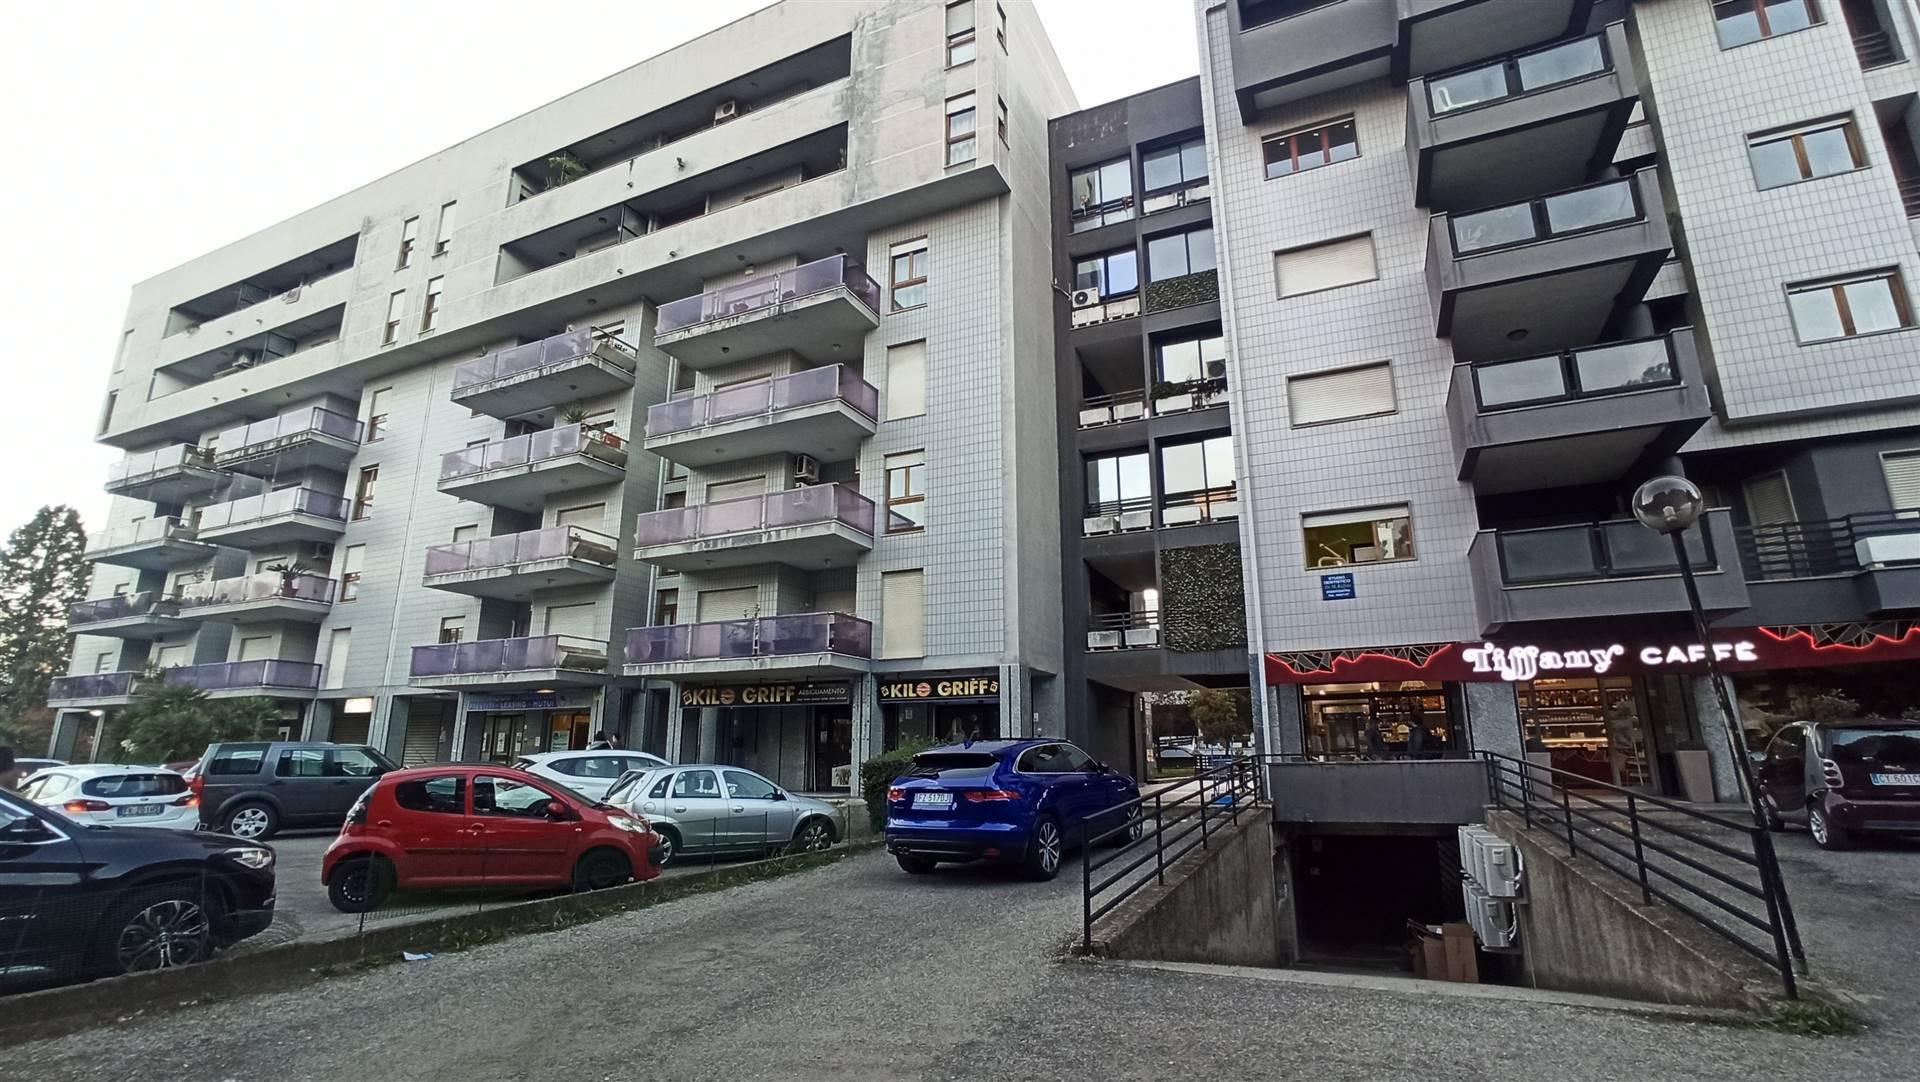 Appartamento in affitto a Rende, 5 locali, zona Zona: Quattromiglia, prezzo € 600 | CambioCasa.it